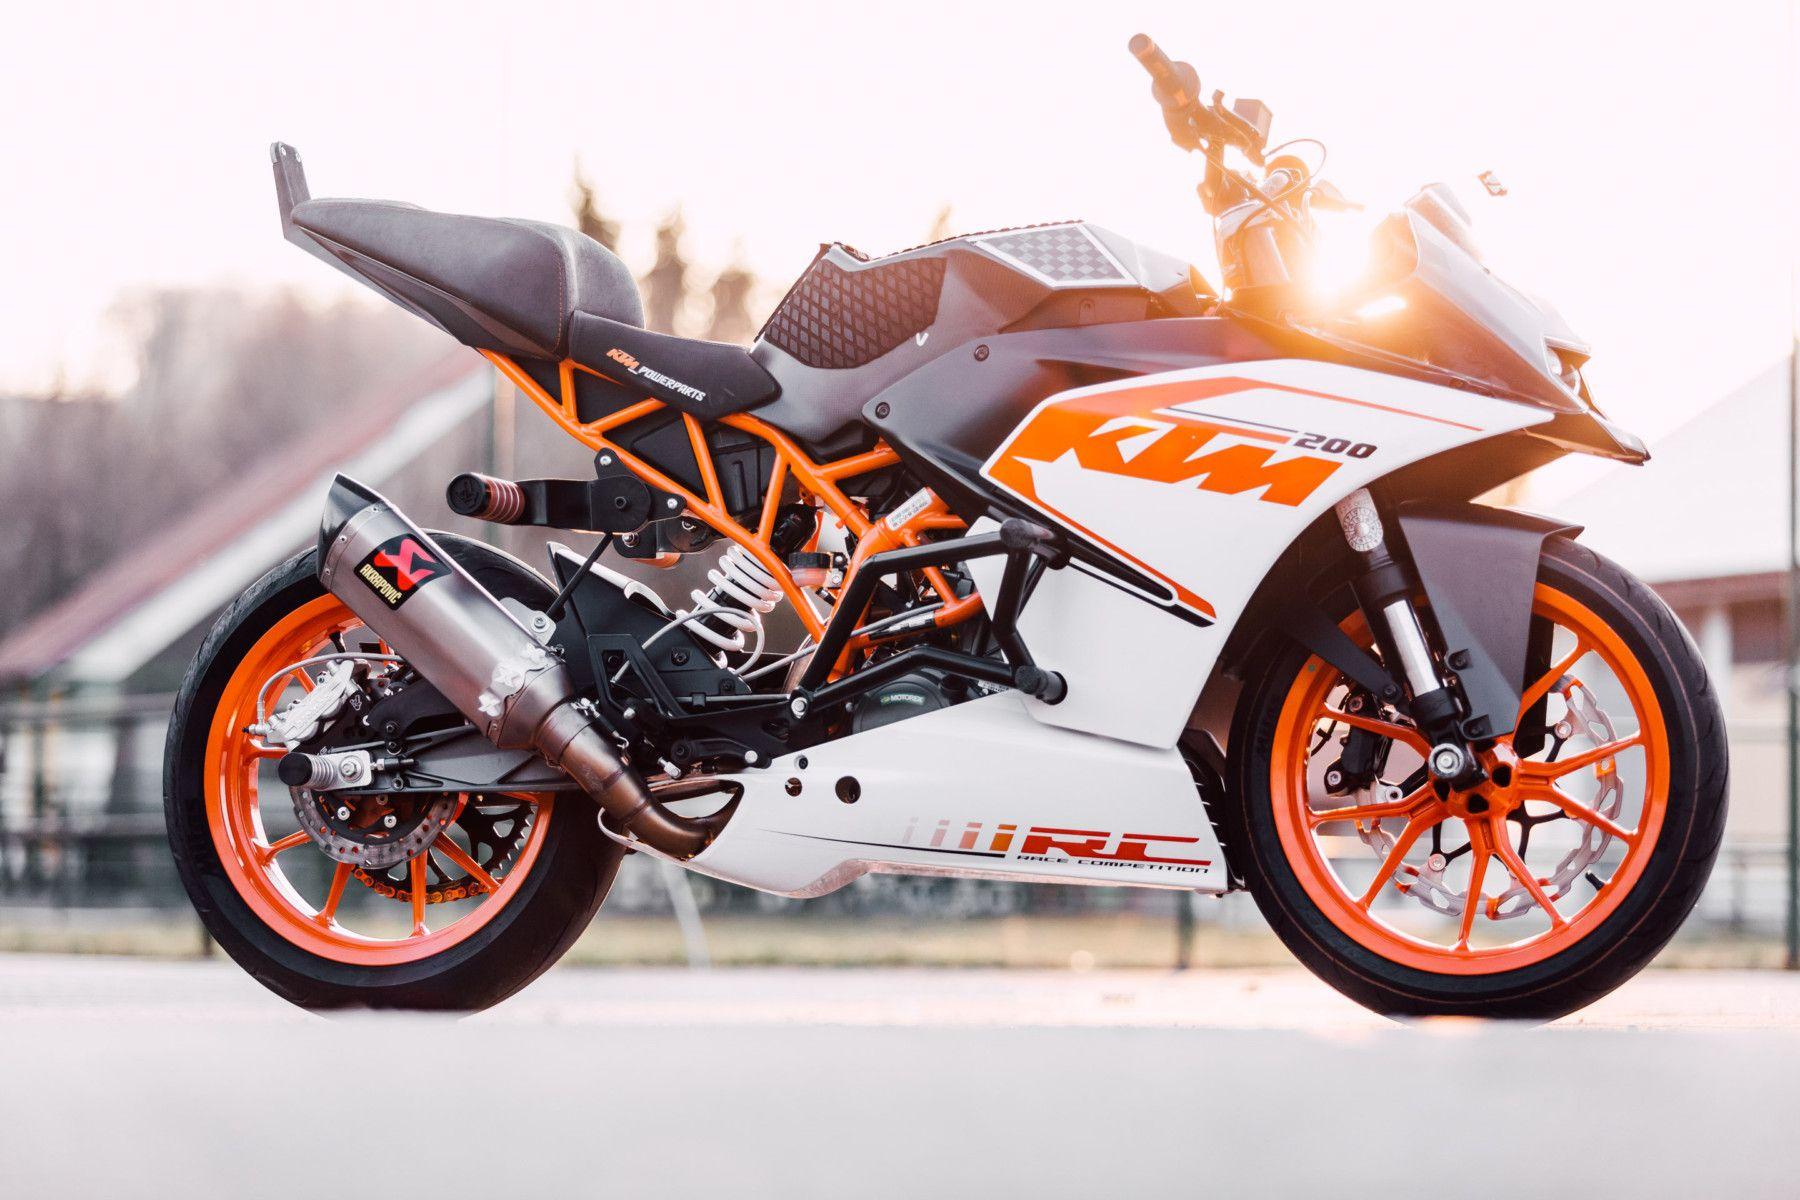 Ktm Rc200 Stunt Bike Stunt Bike Ktm Stunts